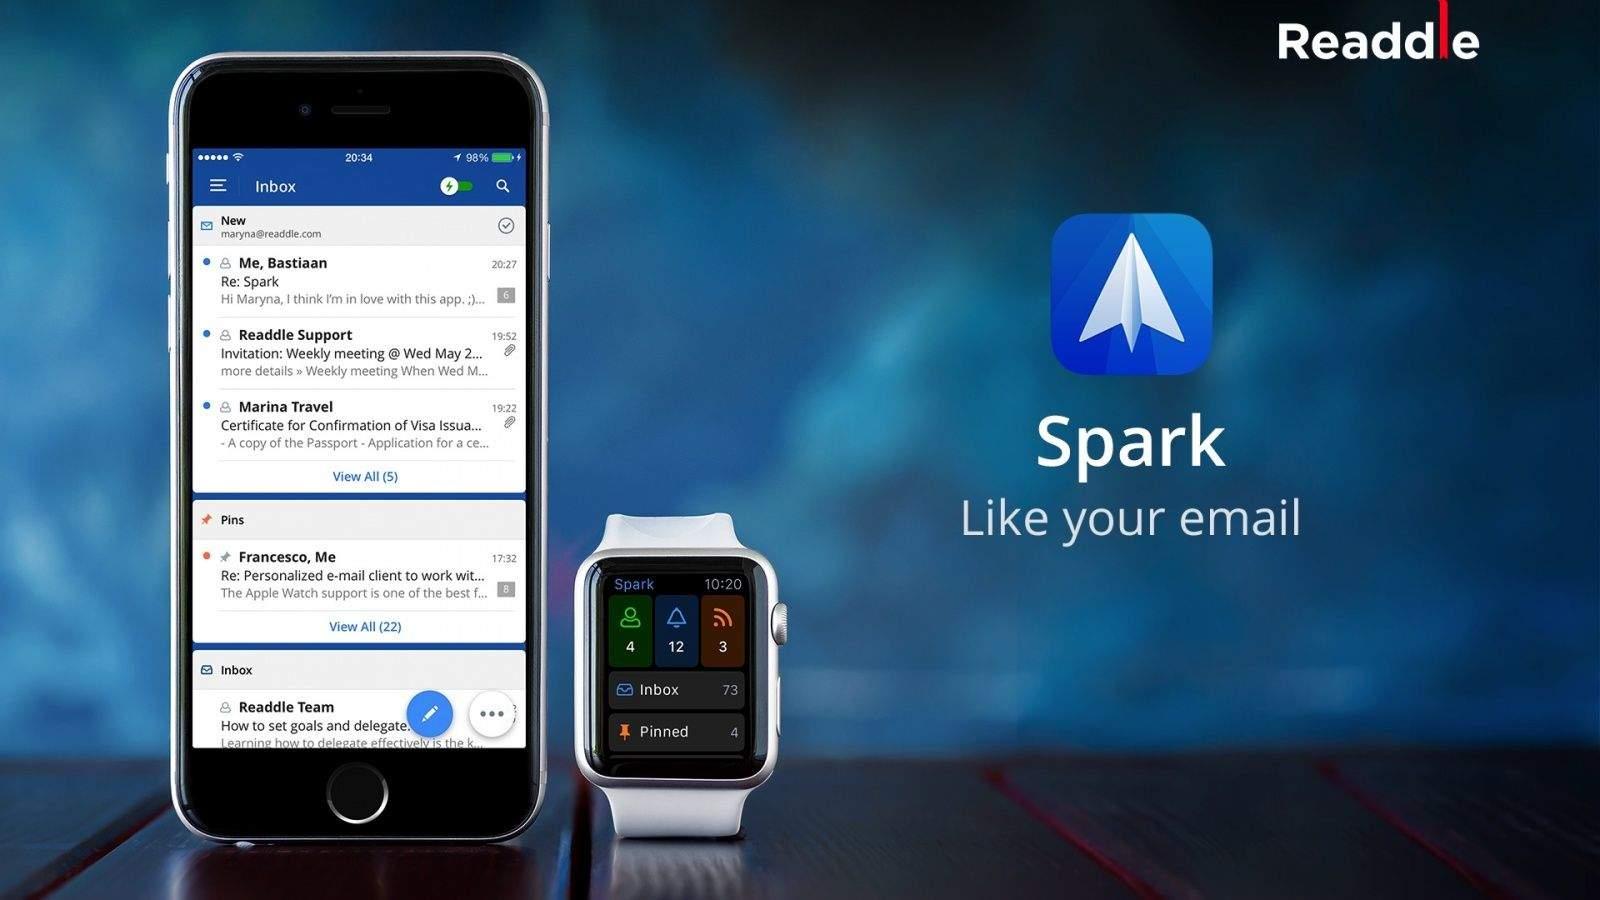 Терри Бланчард из Apple Mail присоединился к Readdle для работы над популярным почтовым клиентом «Spark»